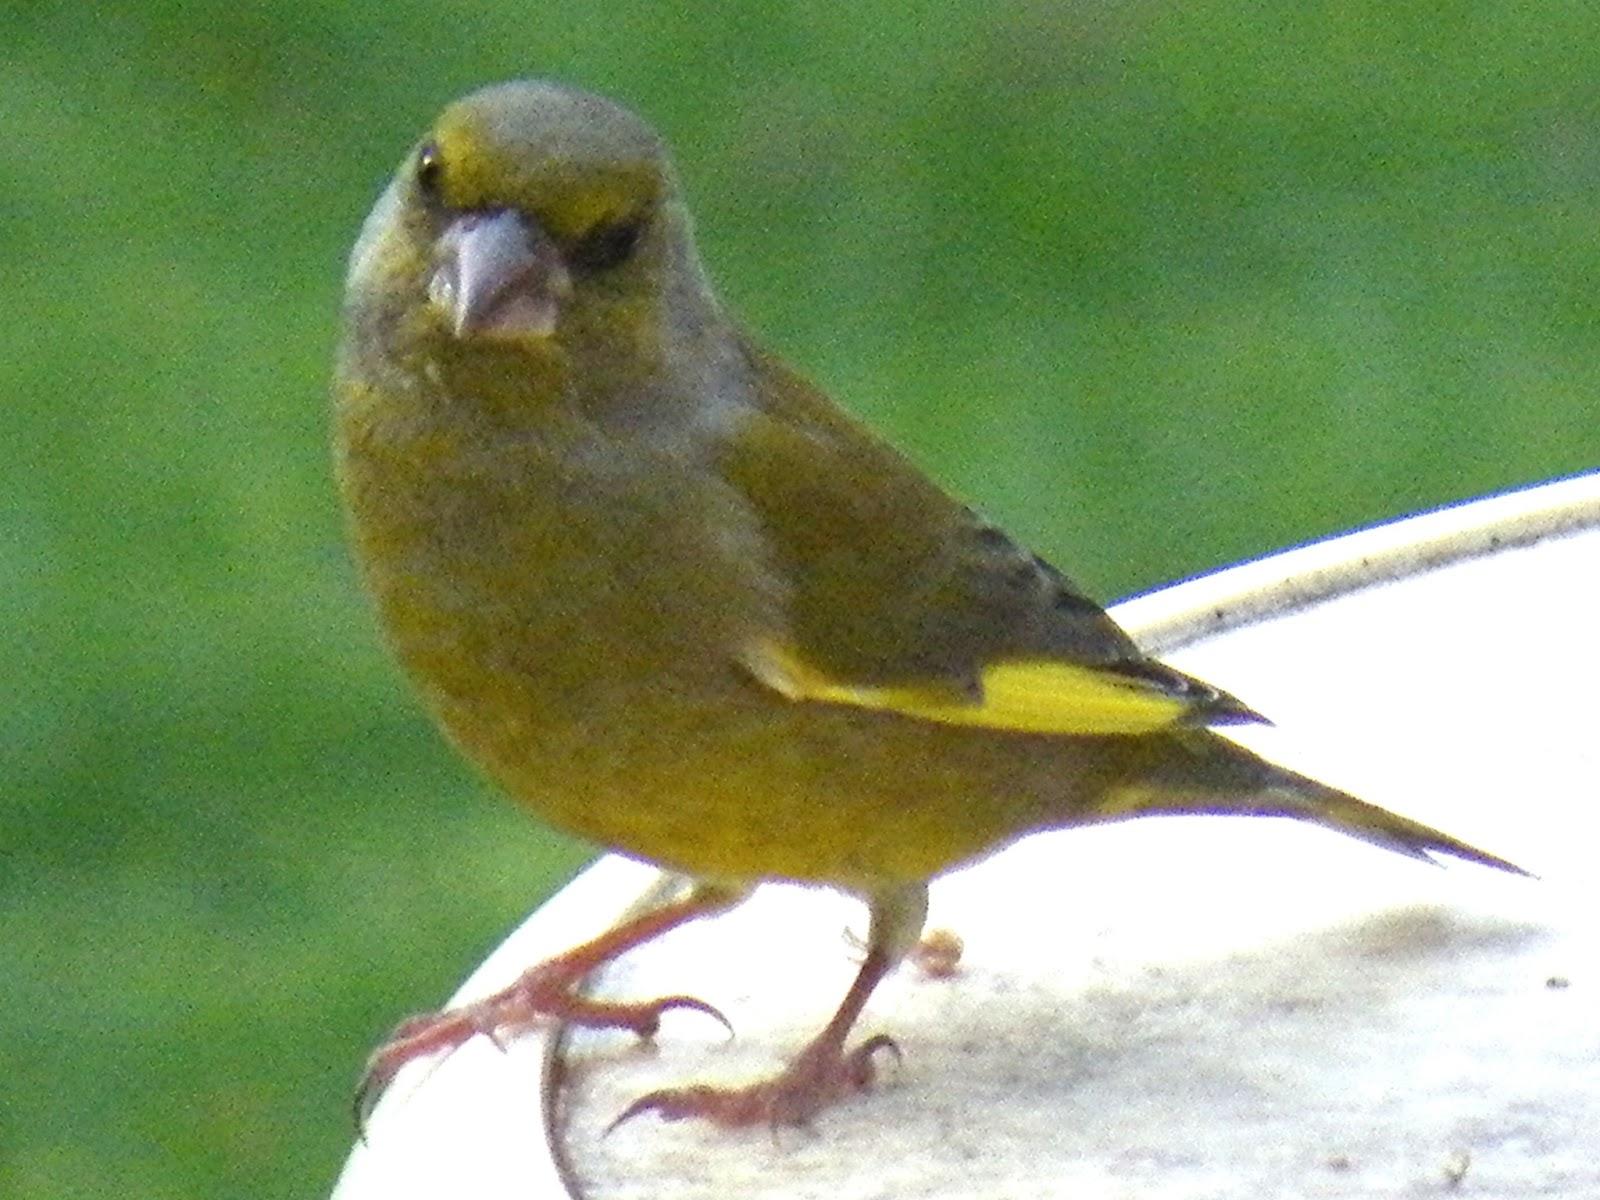 du four au jardin et mes dix doigts l 39 oiseau vert